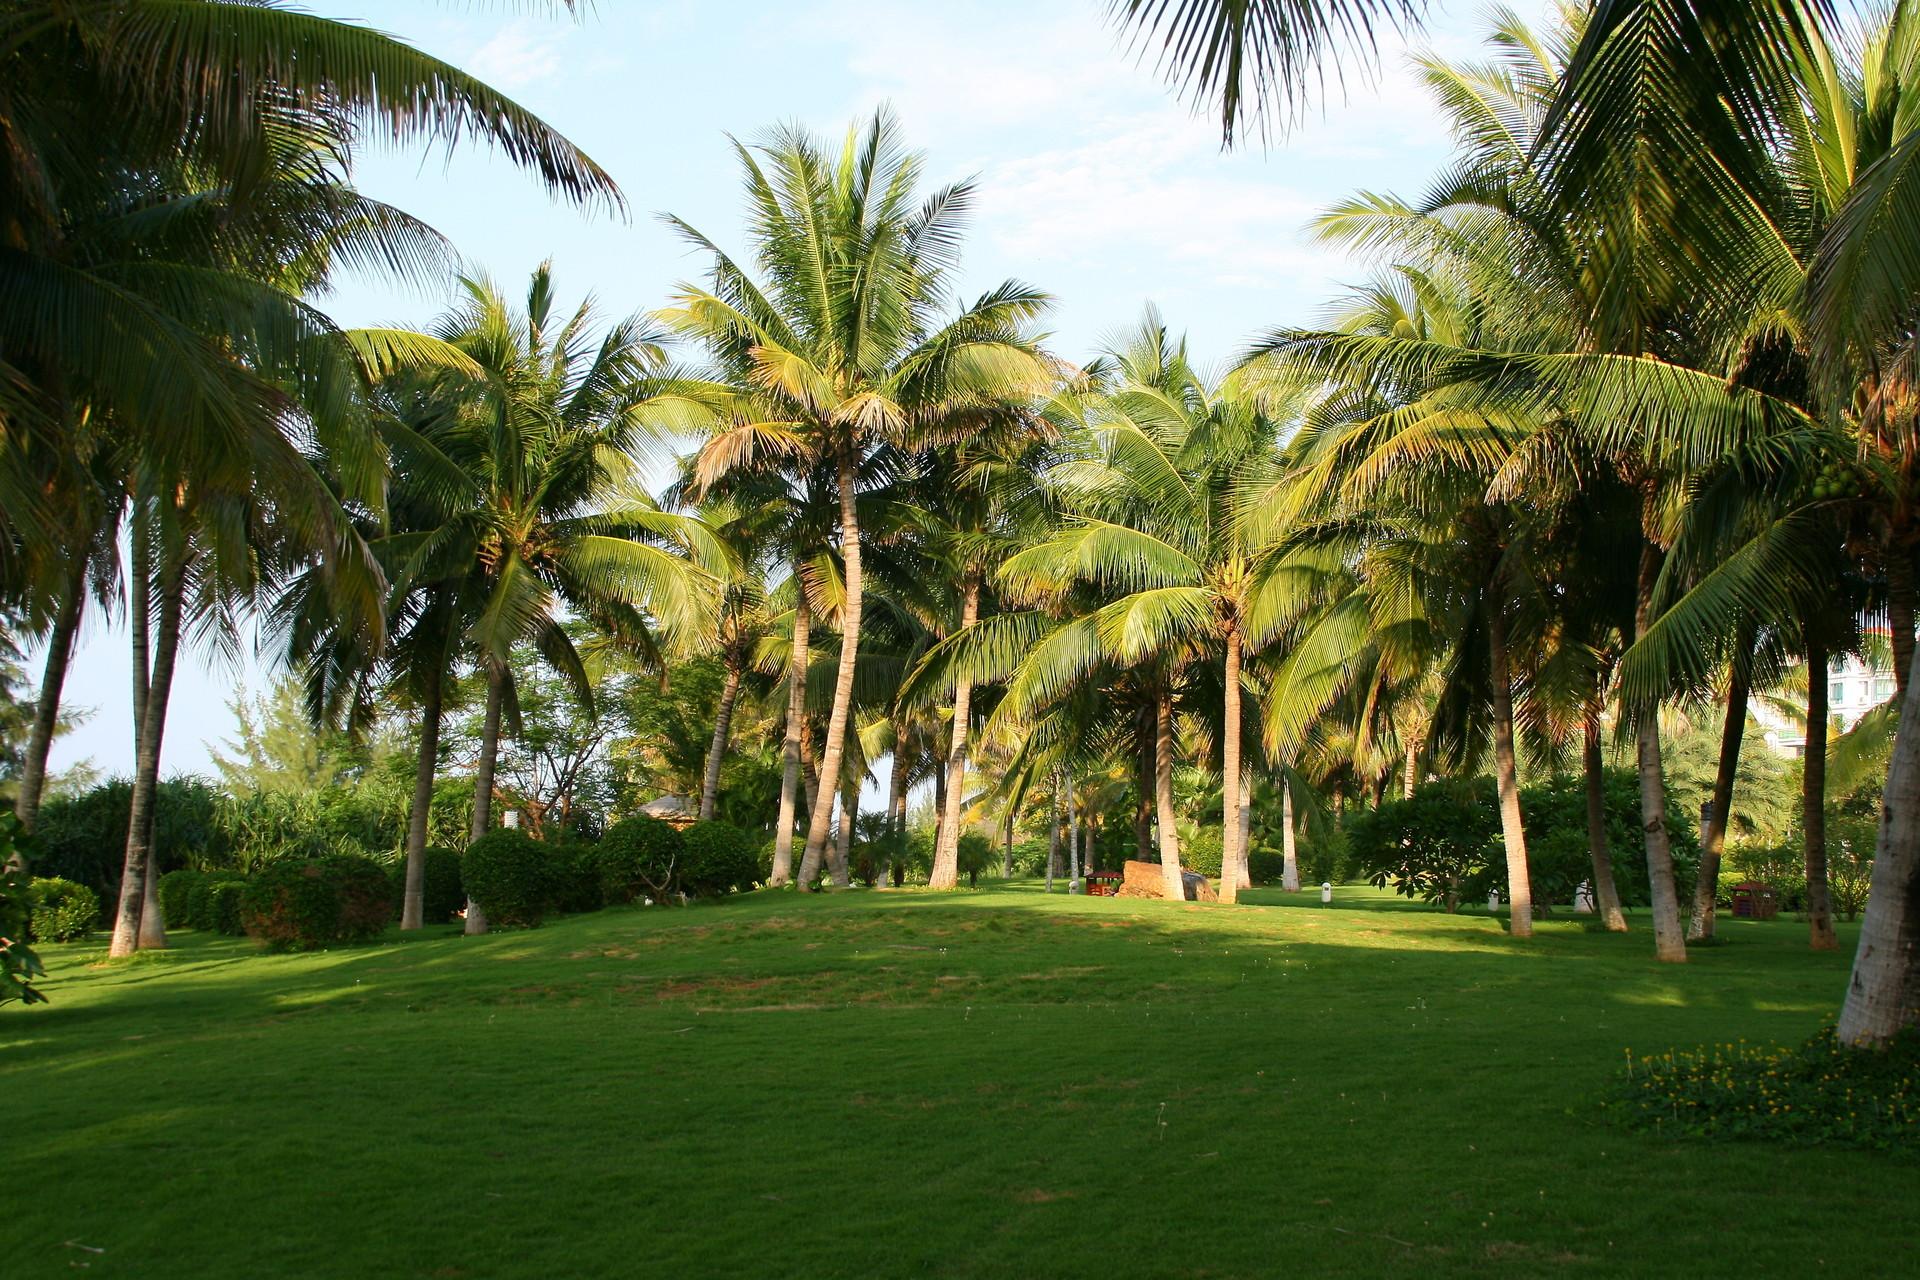 пальмы природа картинки купить сургуте